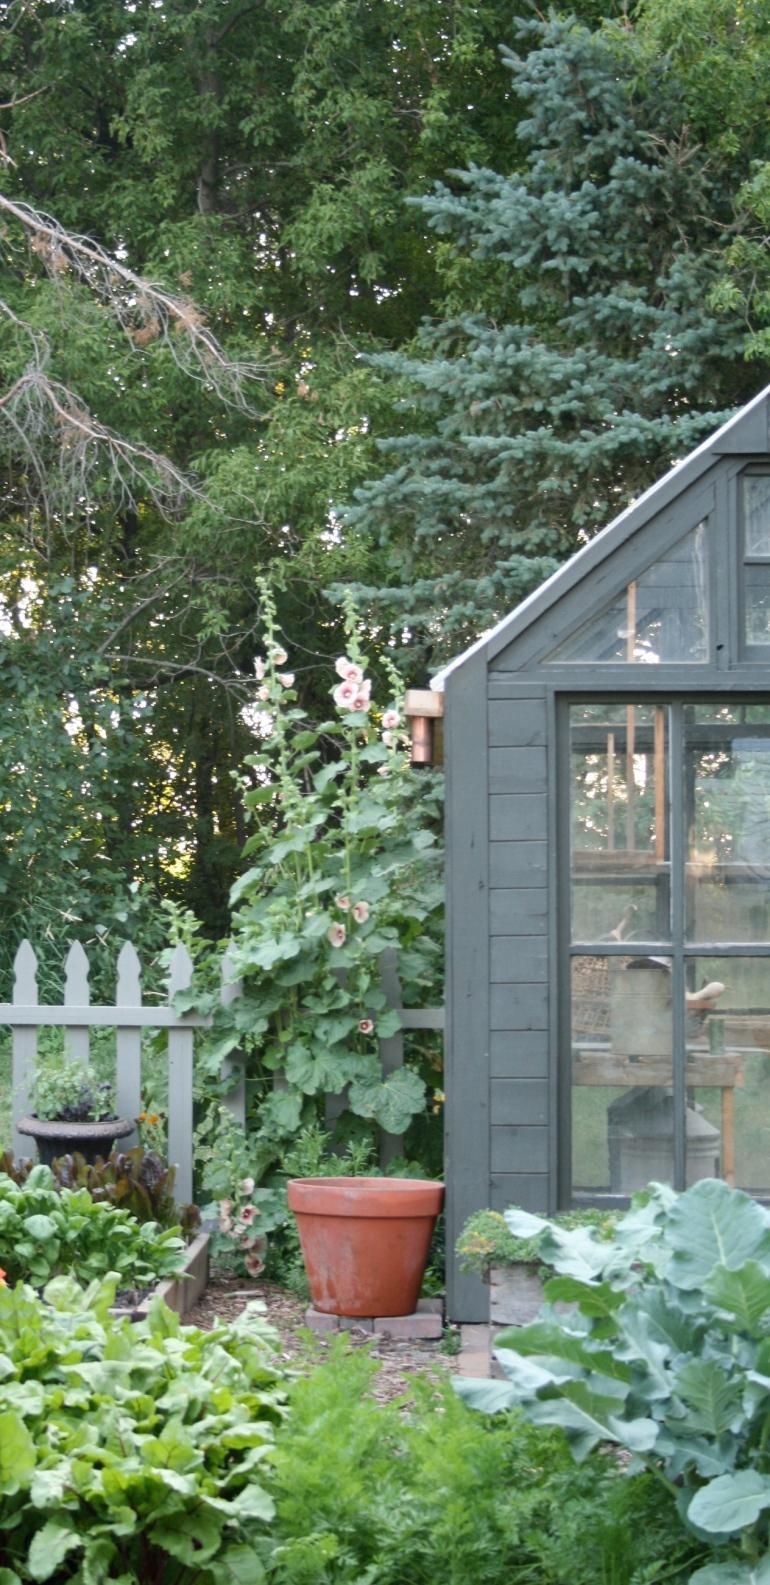 Garden joys